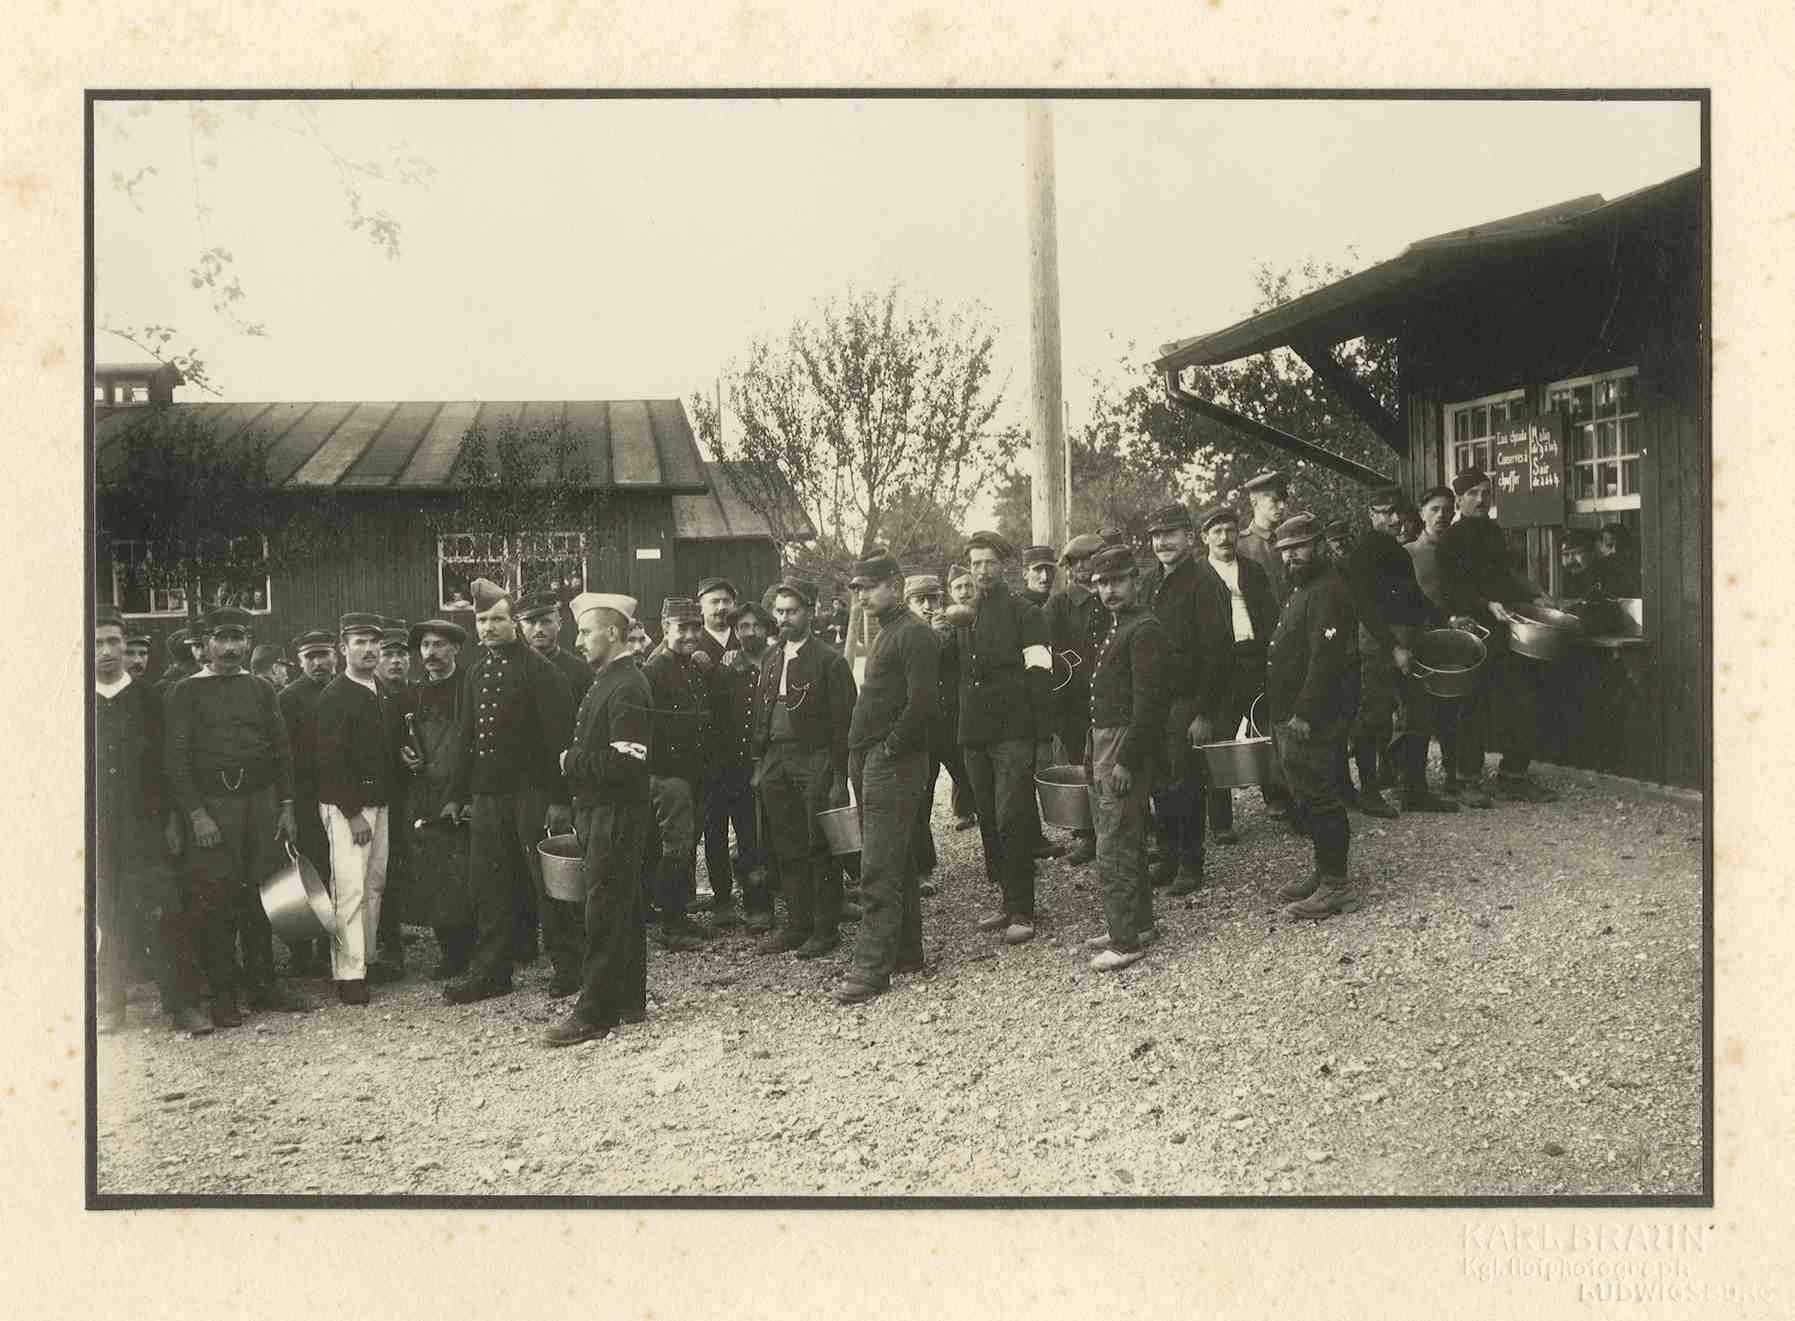 Gruppe von Kriegsgefangenen mit Metallschüsseln vor Essensausgabestelle im Kriegsgefangenenlager Ludwigsburg-Eglosheim, Bild 1